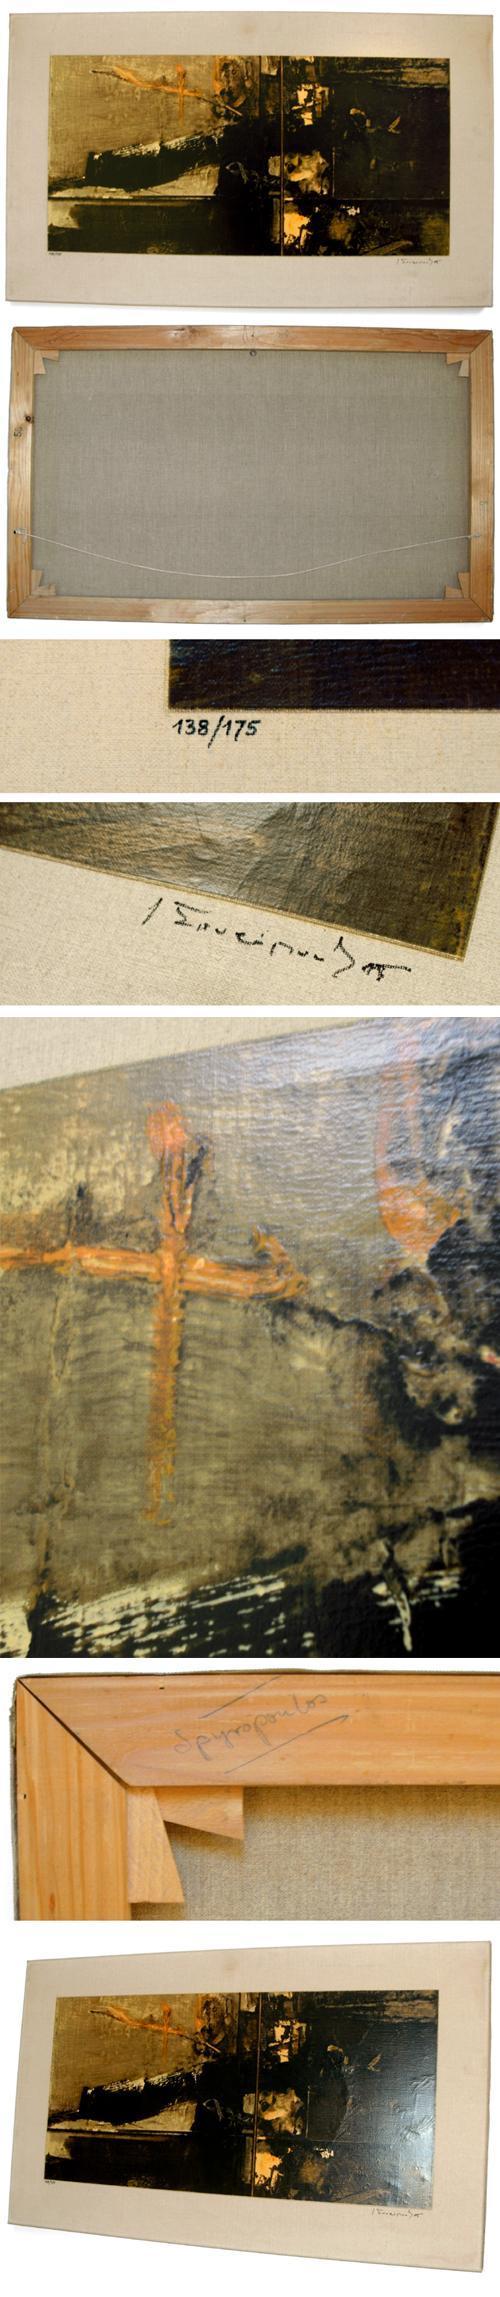 Jannis Spyropoulos - Siebdruck auf Leinwand, signiert, 1978. kopen? Bied vanaf 1200!